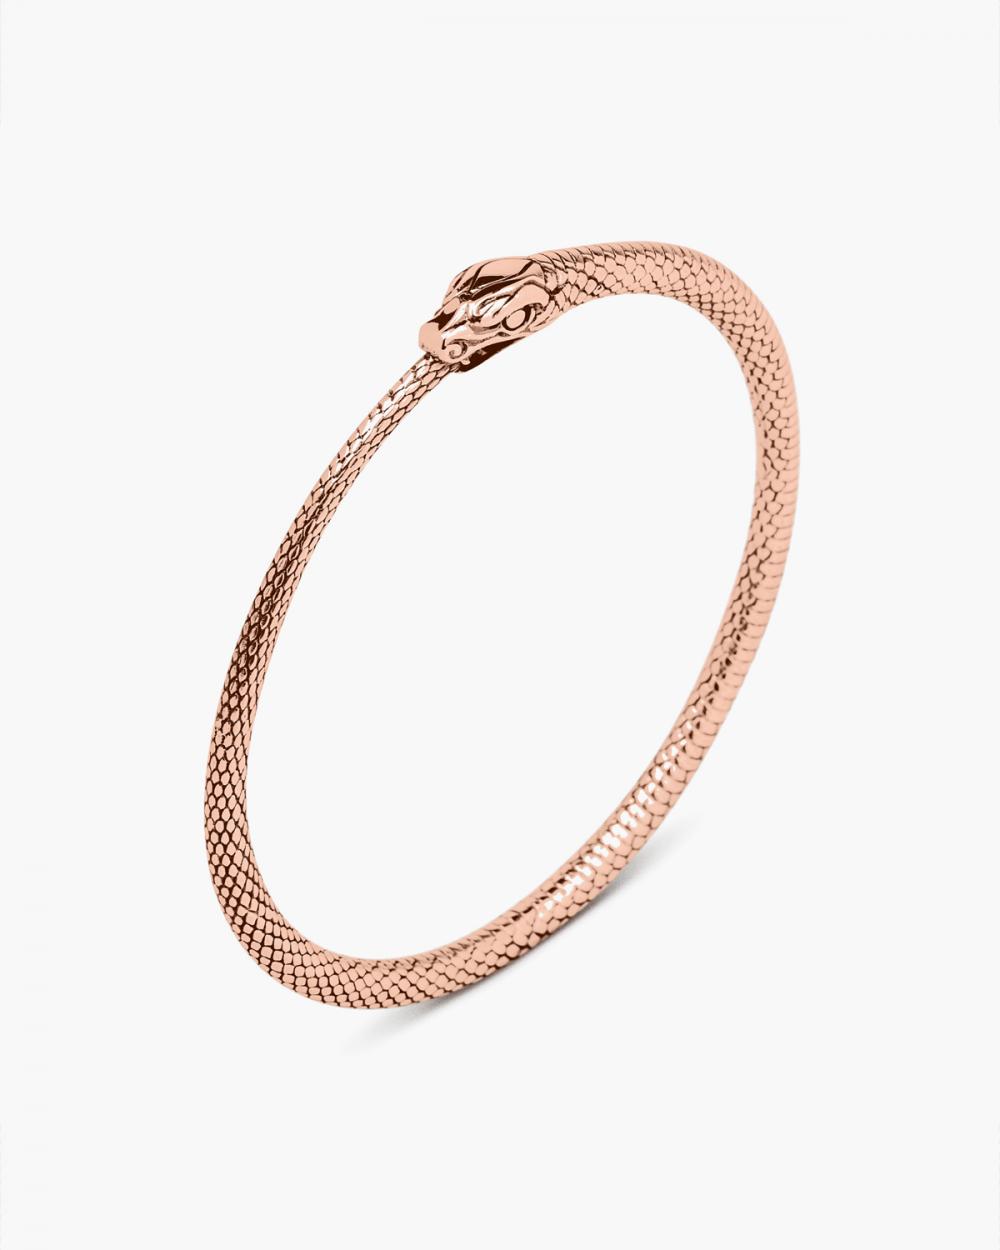 Bracelets PINK GOLD OUROBOROS BRACELET NOVE25